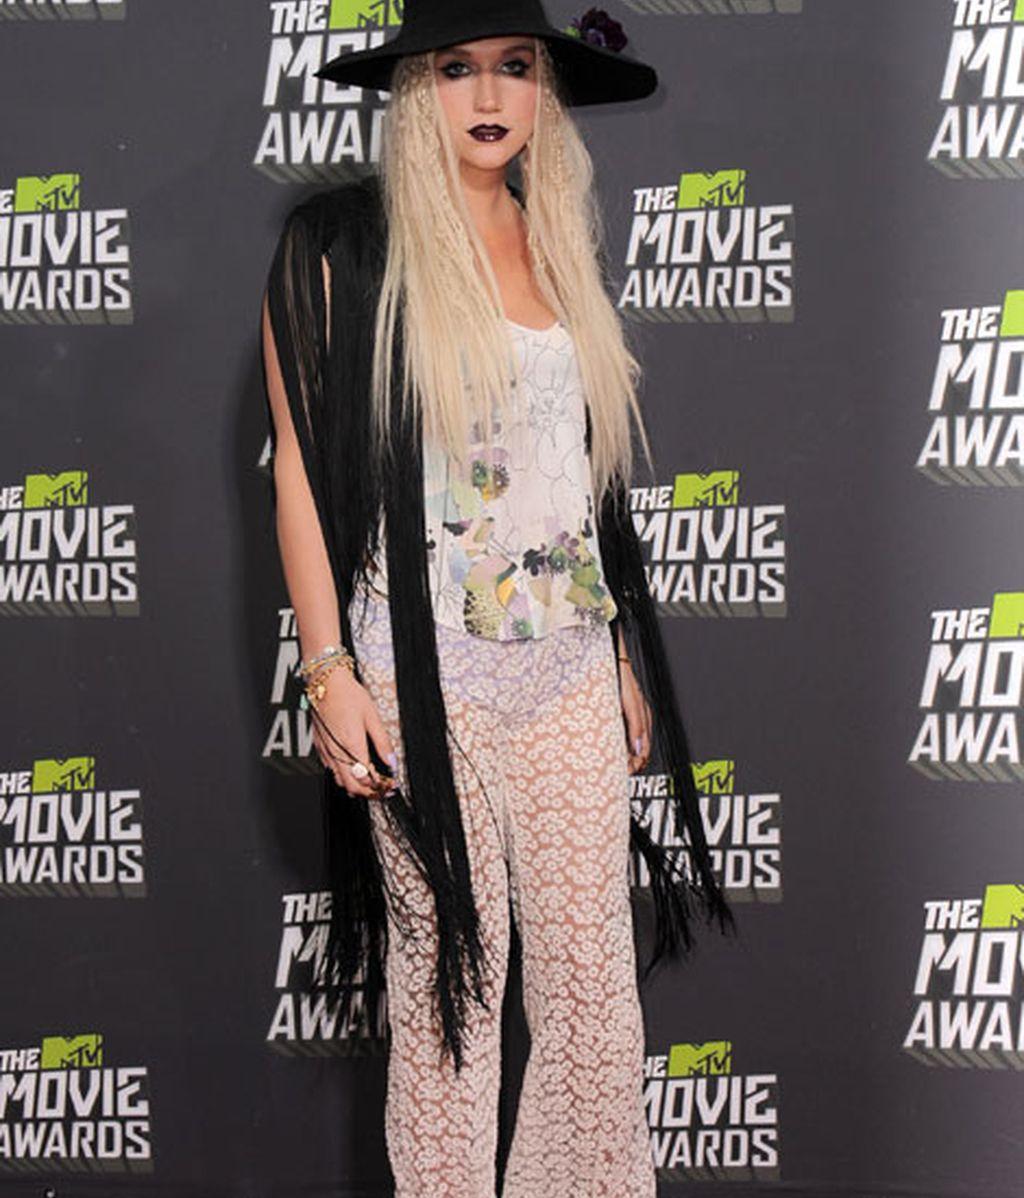 Kesha, pantalones de encaje transparentes y recargado maquillaje